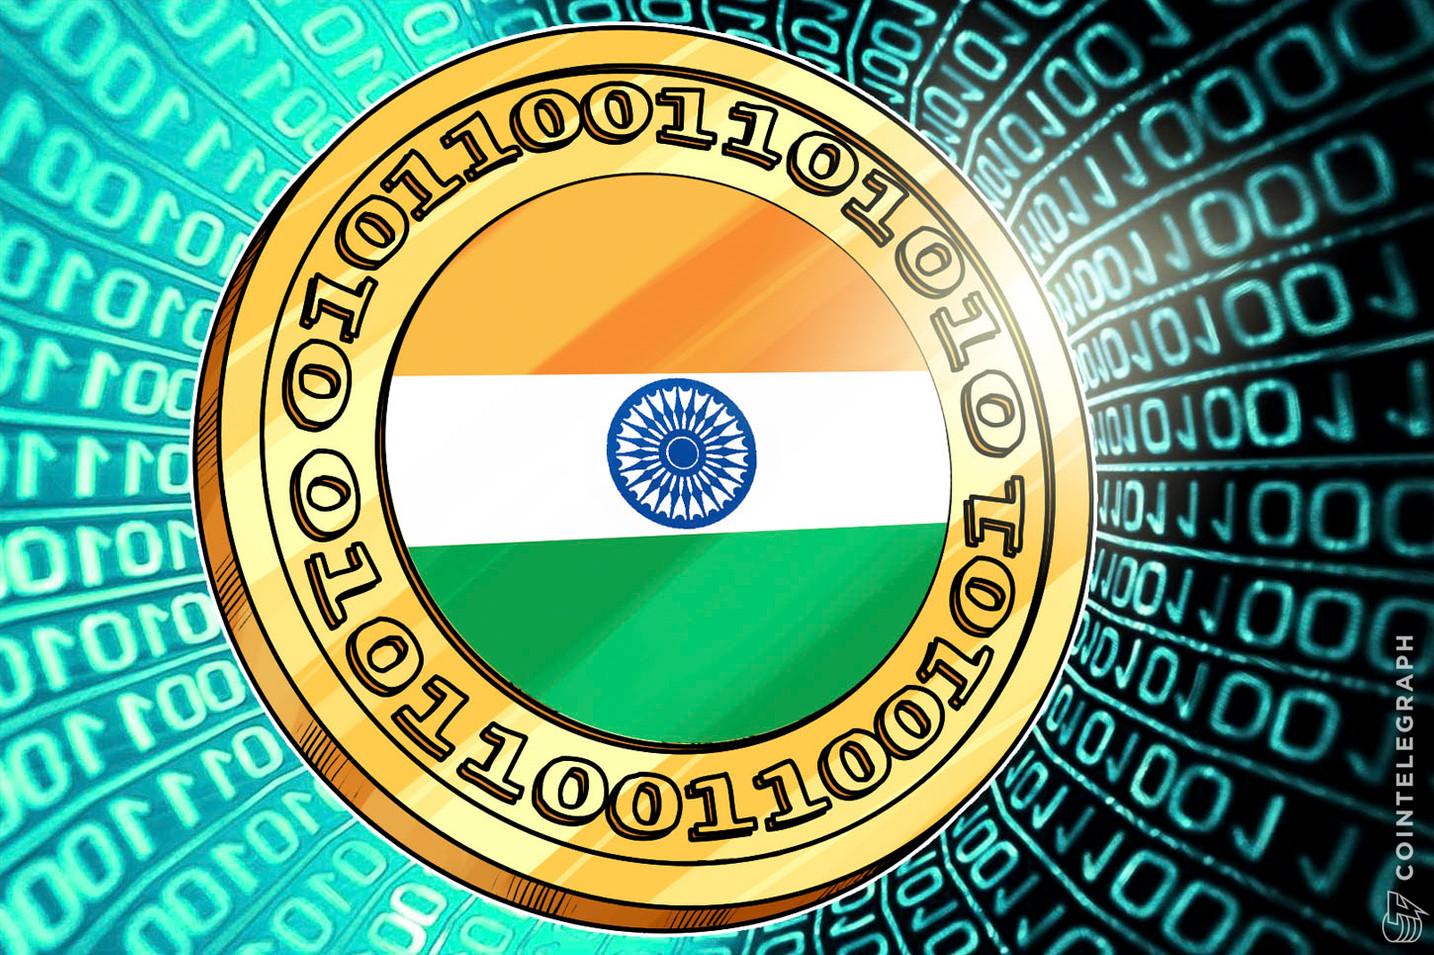 インド中央銀行のデジタル通貨検討が一時中断状態、インド政府の意向か=現地メディアが報道